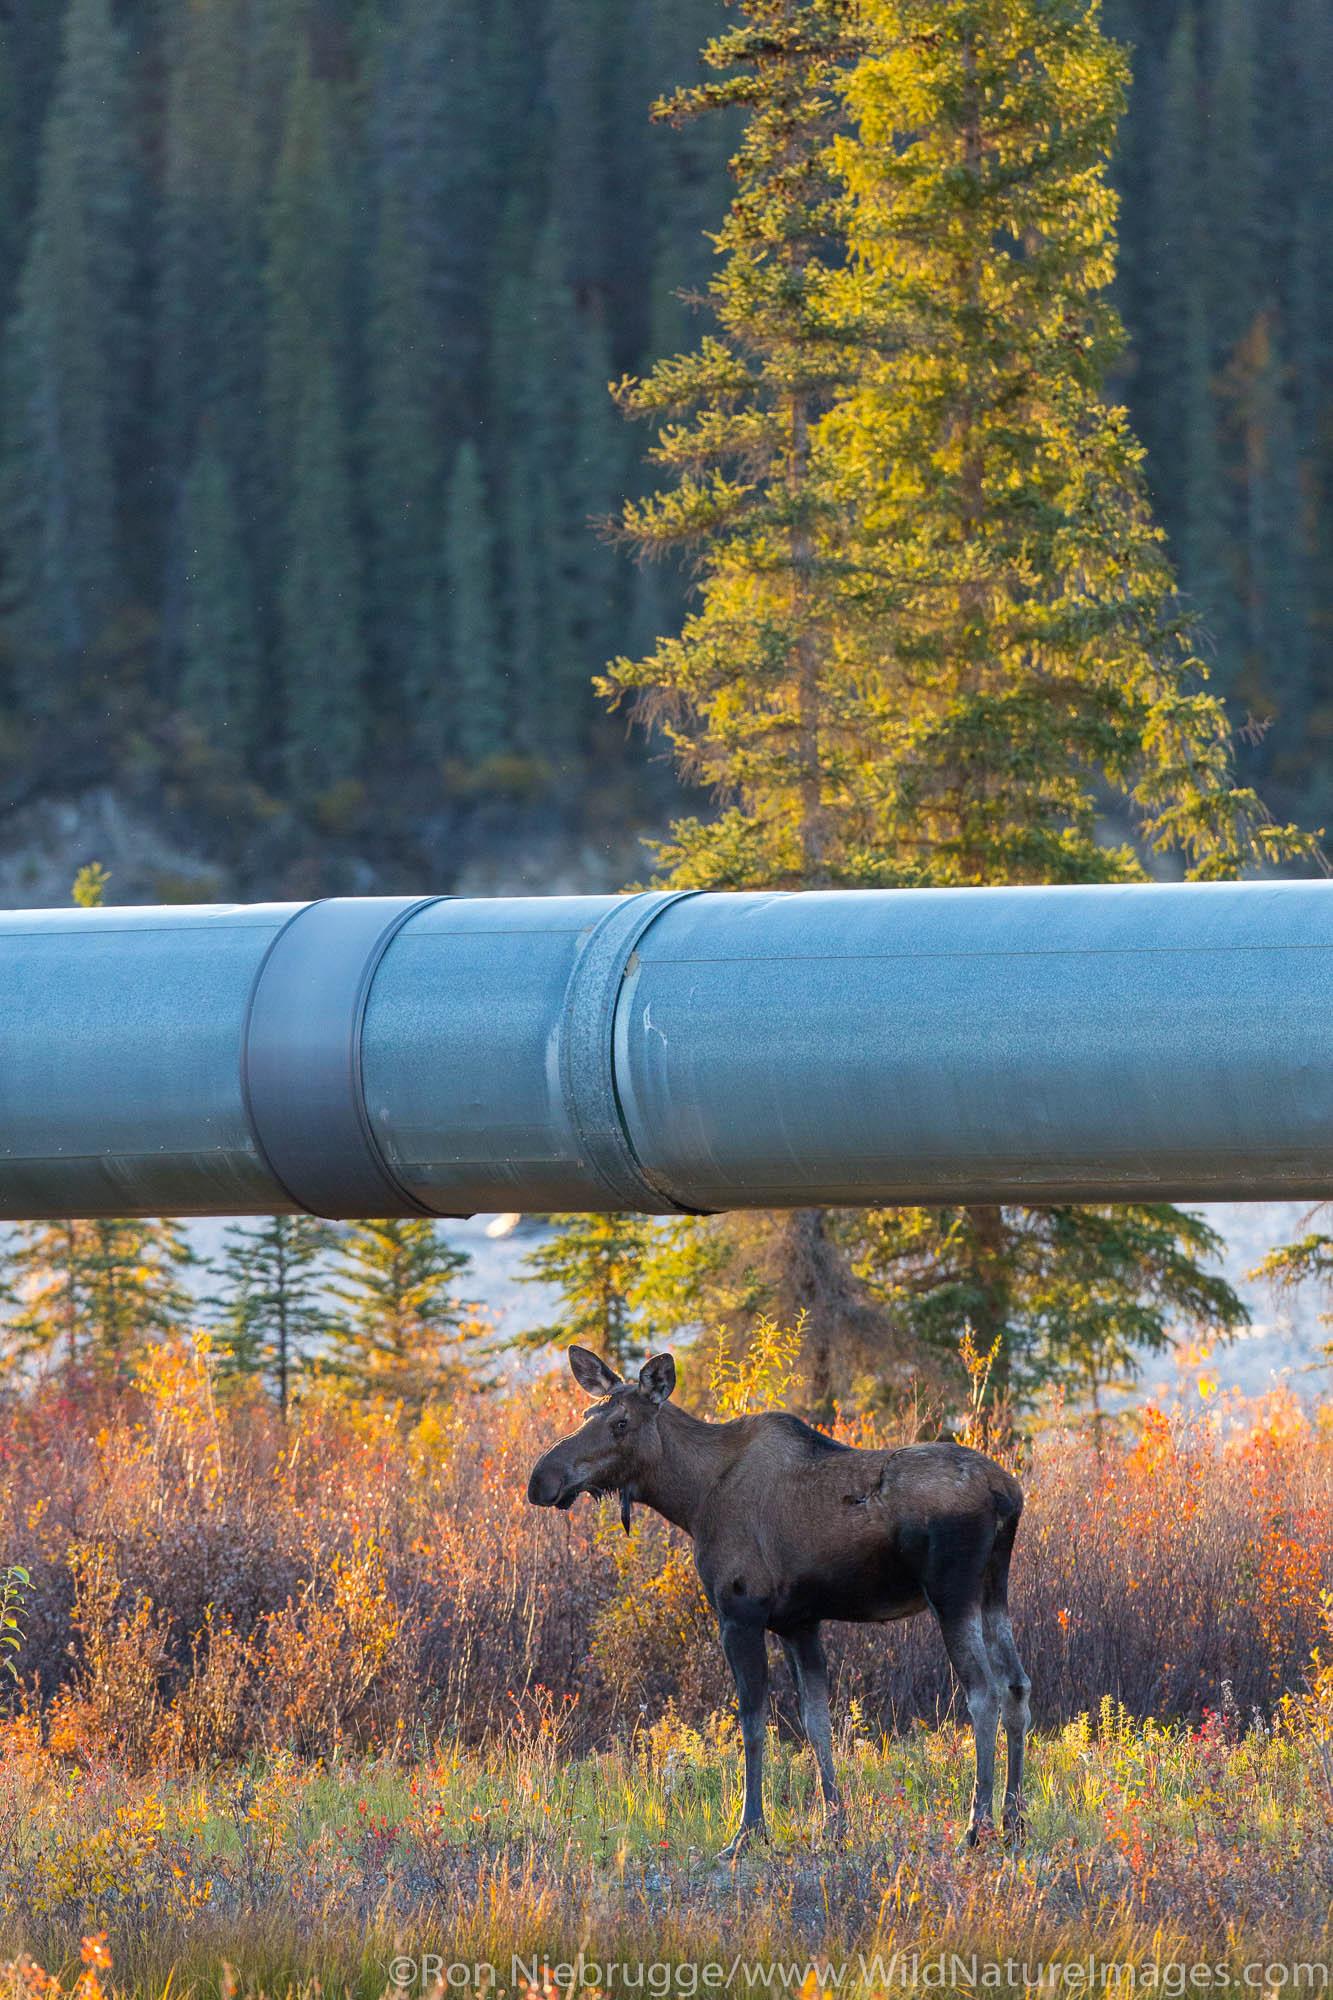 Moose and the Alyeska Trans Alaska pipeline, Brooks Range, Arctic Alaska.